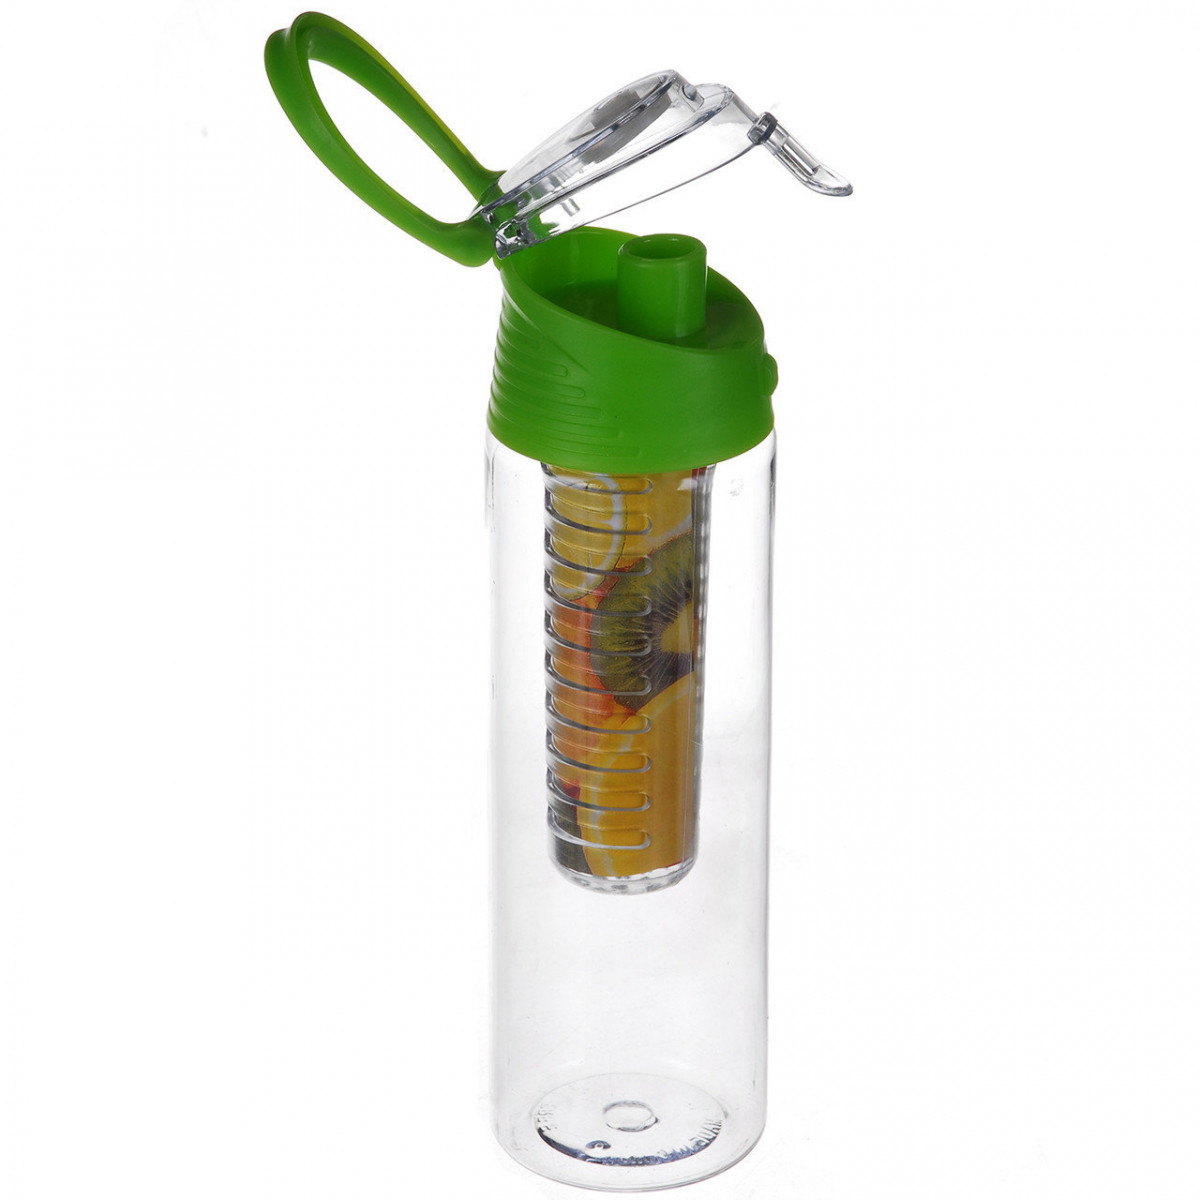 Бутылка для напитков Water Bottle с колбой под фруктов (зеленая)